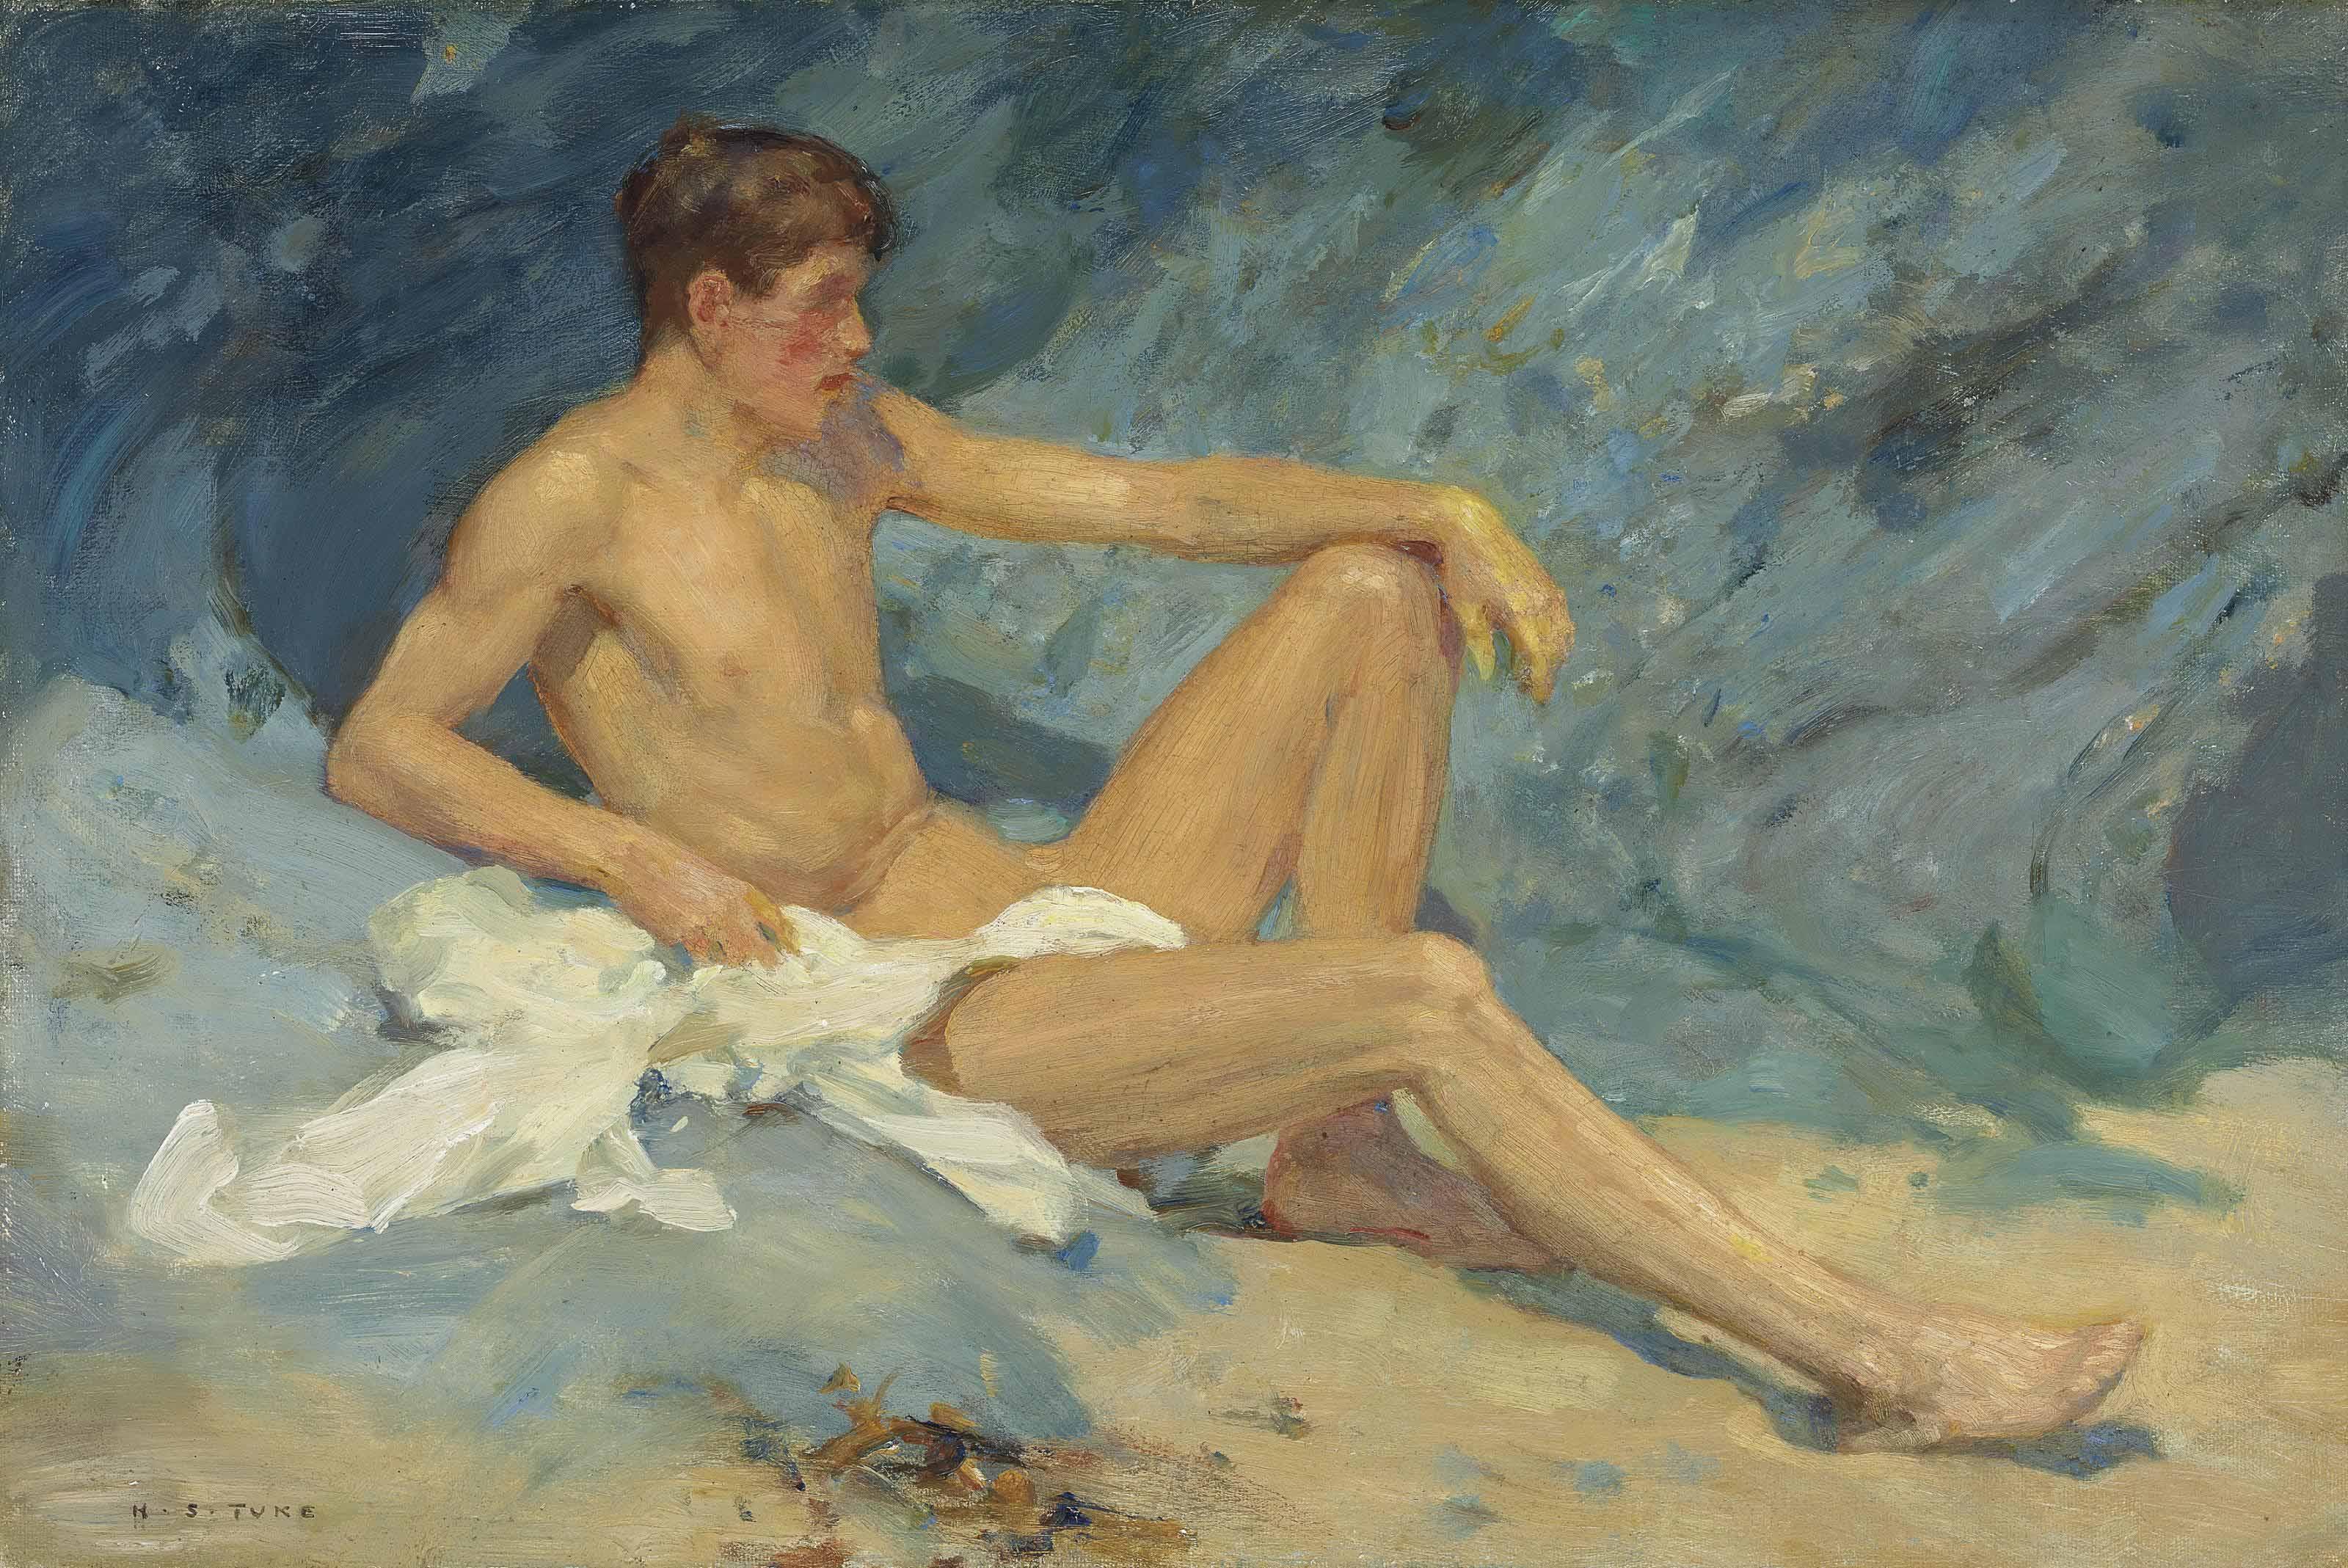 A male nude reclining on rocks